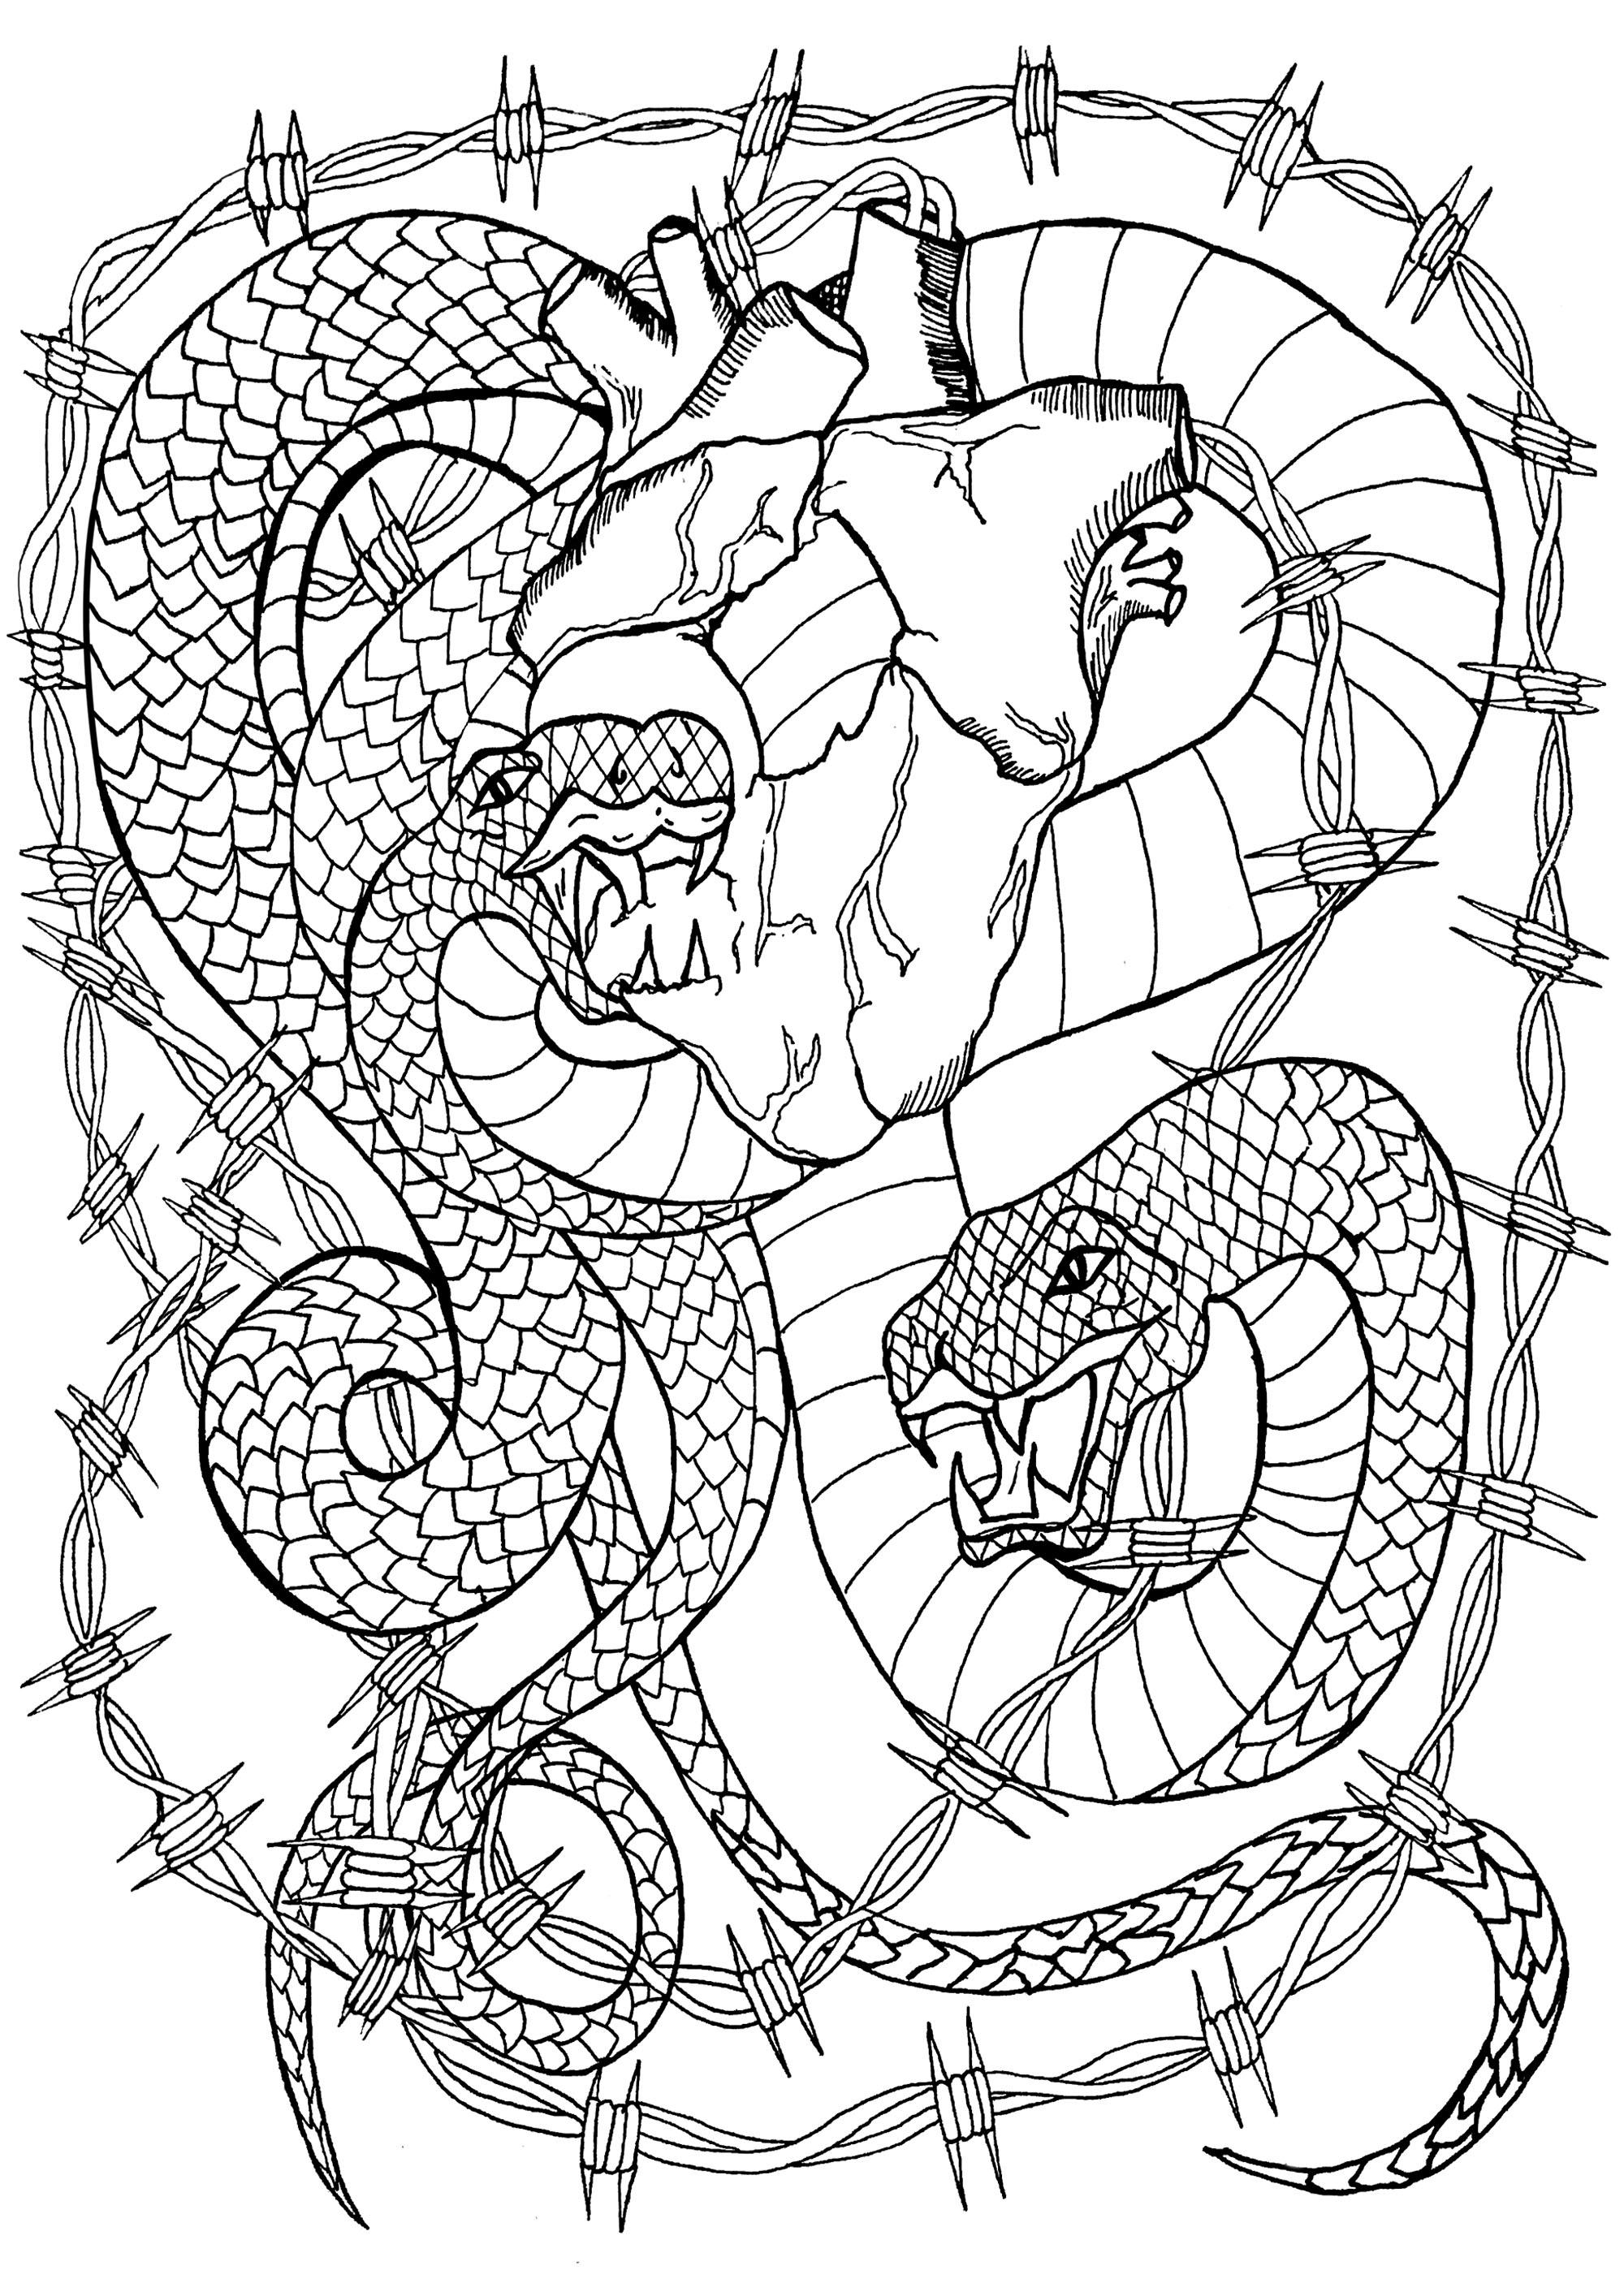 Deux serpents encerclés de barbelés dévorant un coeur encore battant